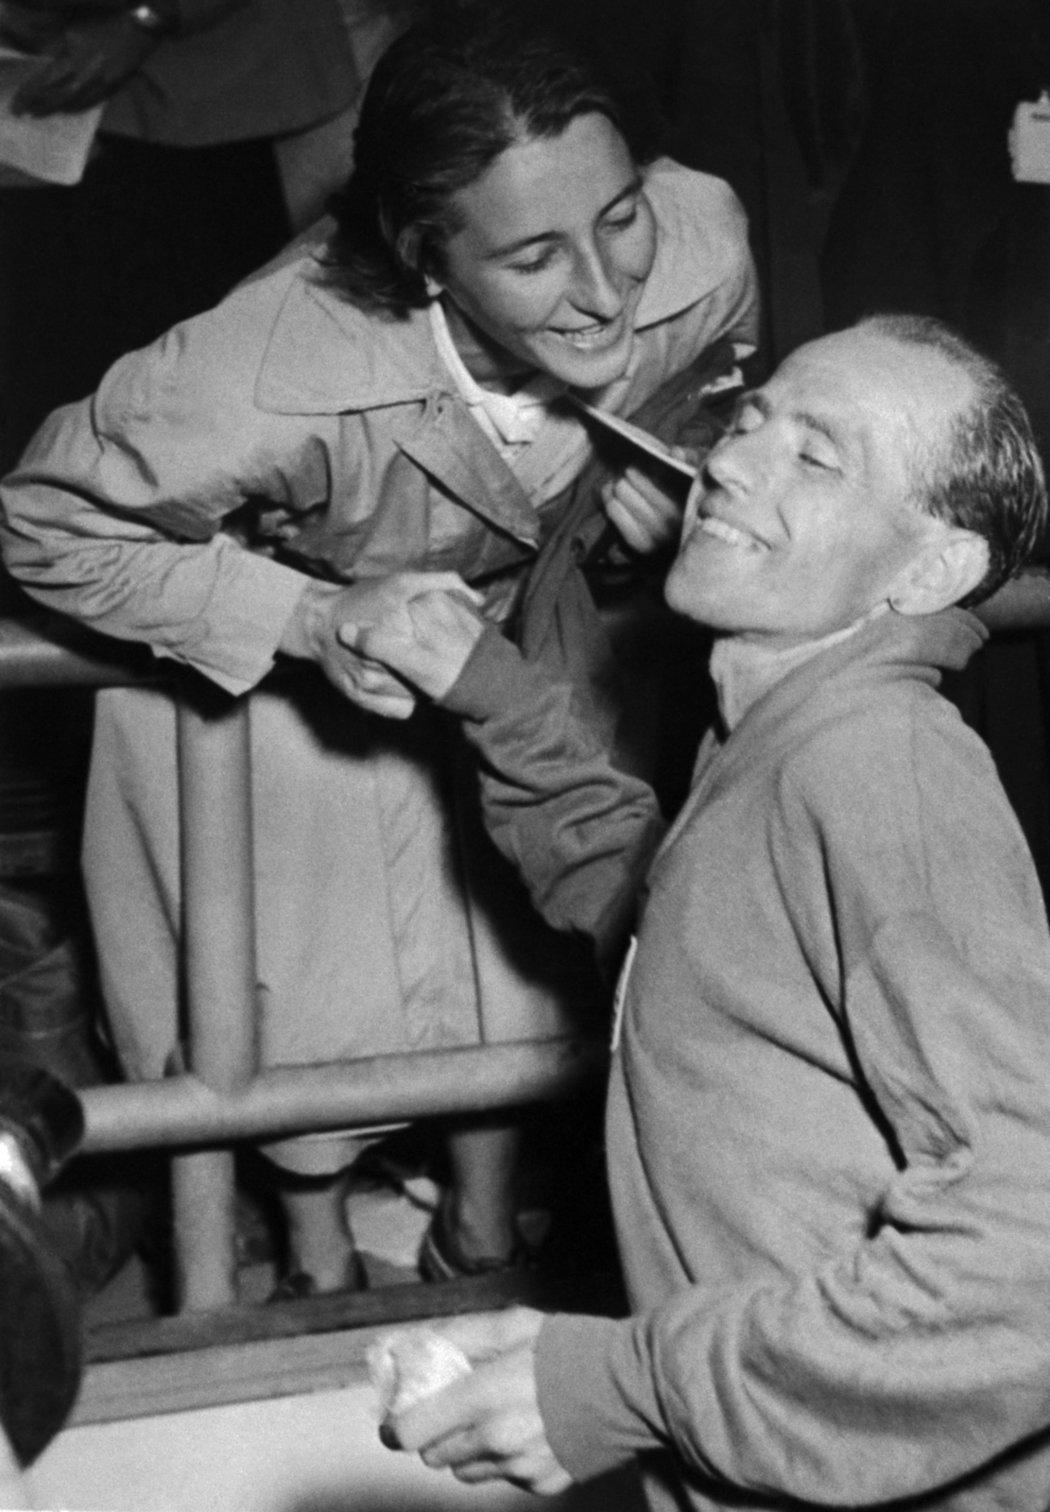 Dana Zátopková na archivním snímku z 1. července 1952 blahopřeje svému manželovi Emilu Zátopkovi k vítězství v maratonském běhu na stejných olympijských hrách v Helsinkách